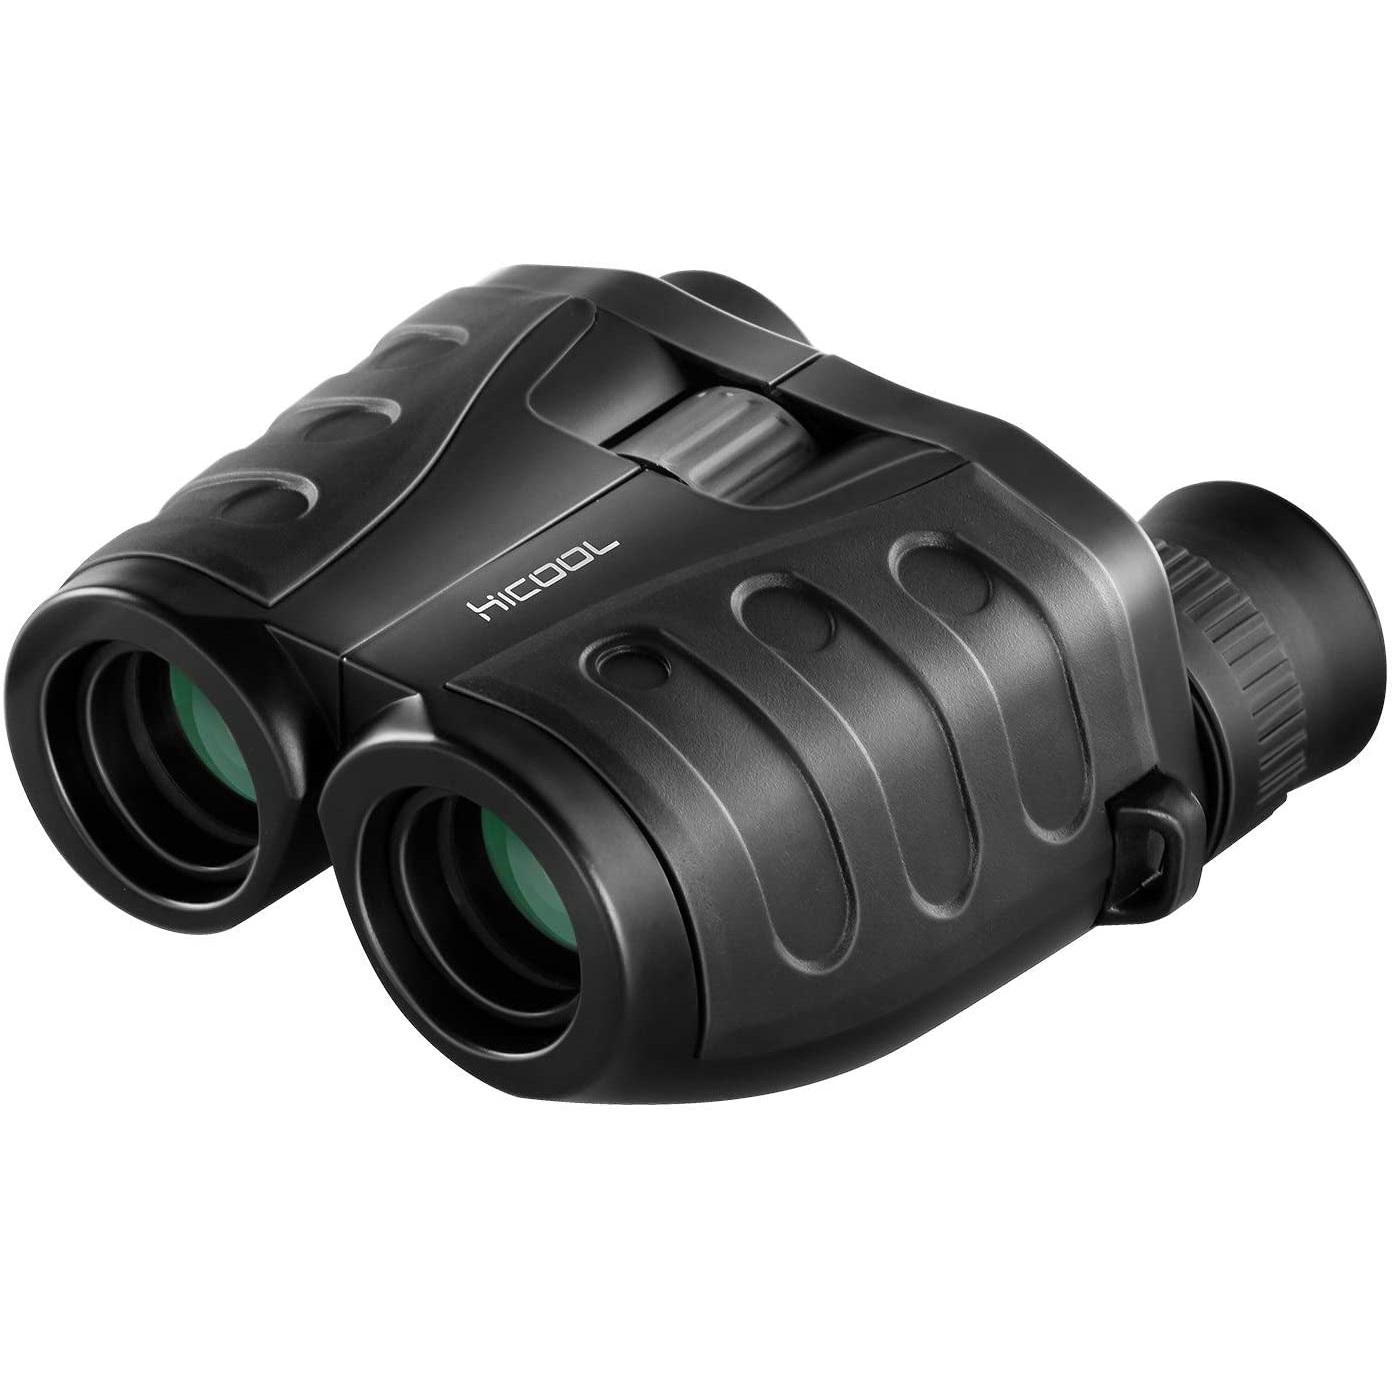 دوربین دو چشمی هایکول مدل 10X25